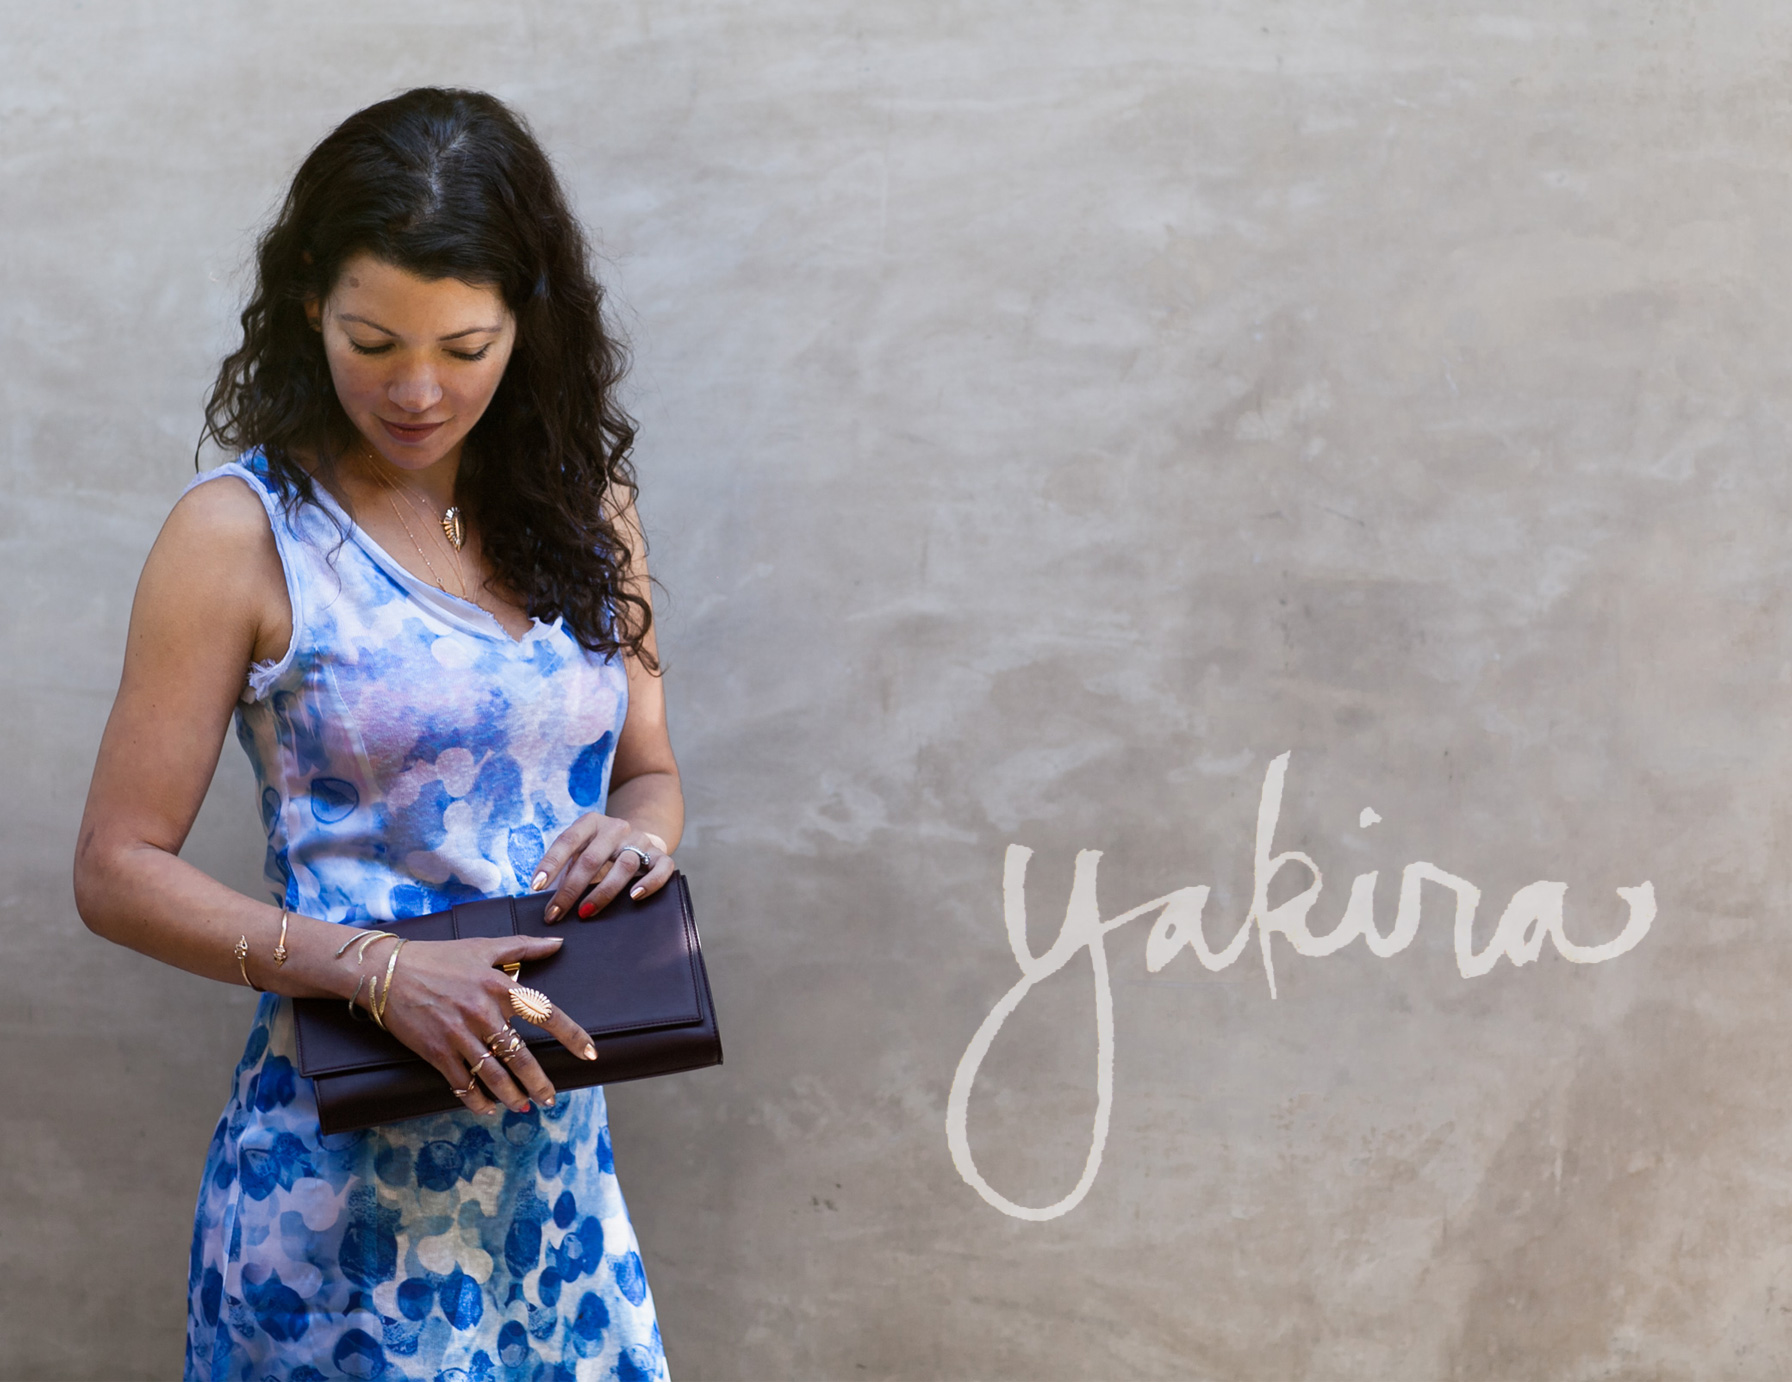 Yakira Rona photographed by Naomi Yamada